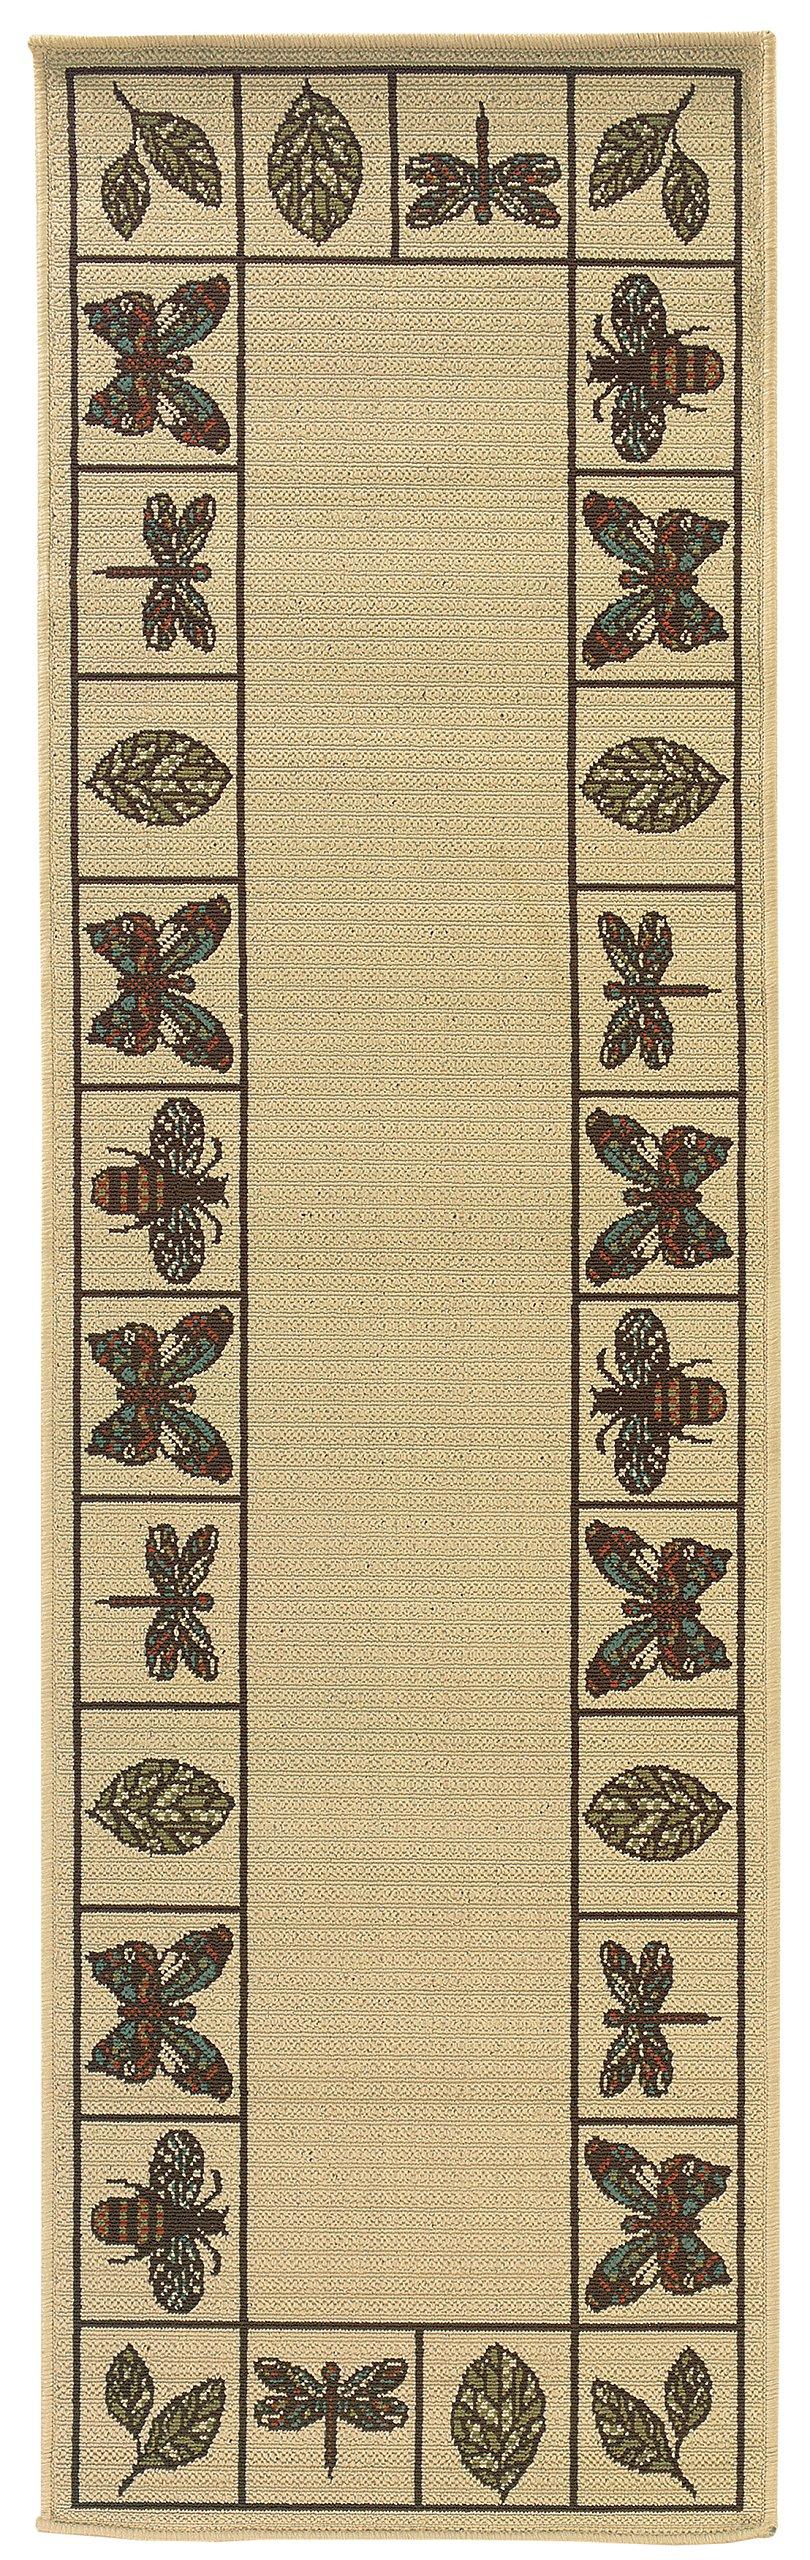 Oriental Weavers Montego 2266W Area Rug, 2-Feet 3-Inch by 7-Feet 6-Inch